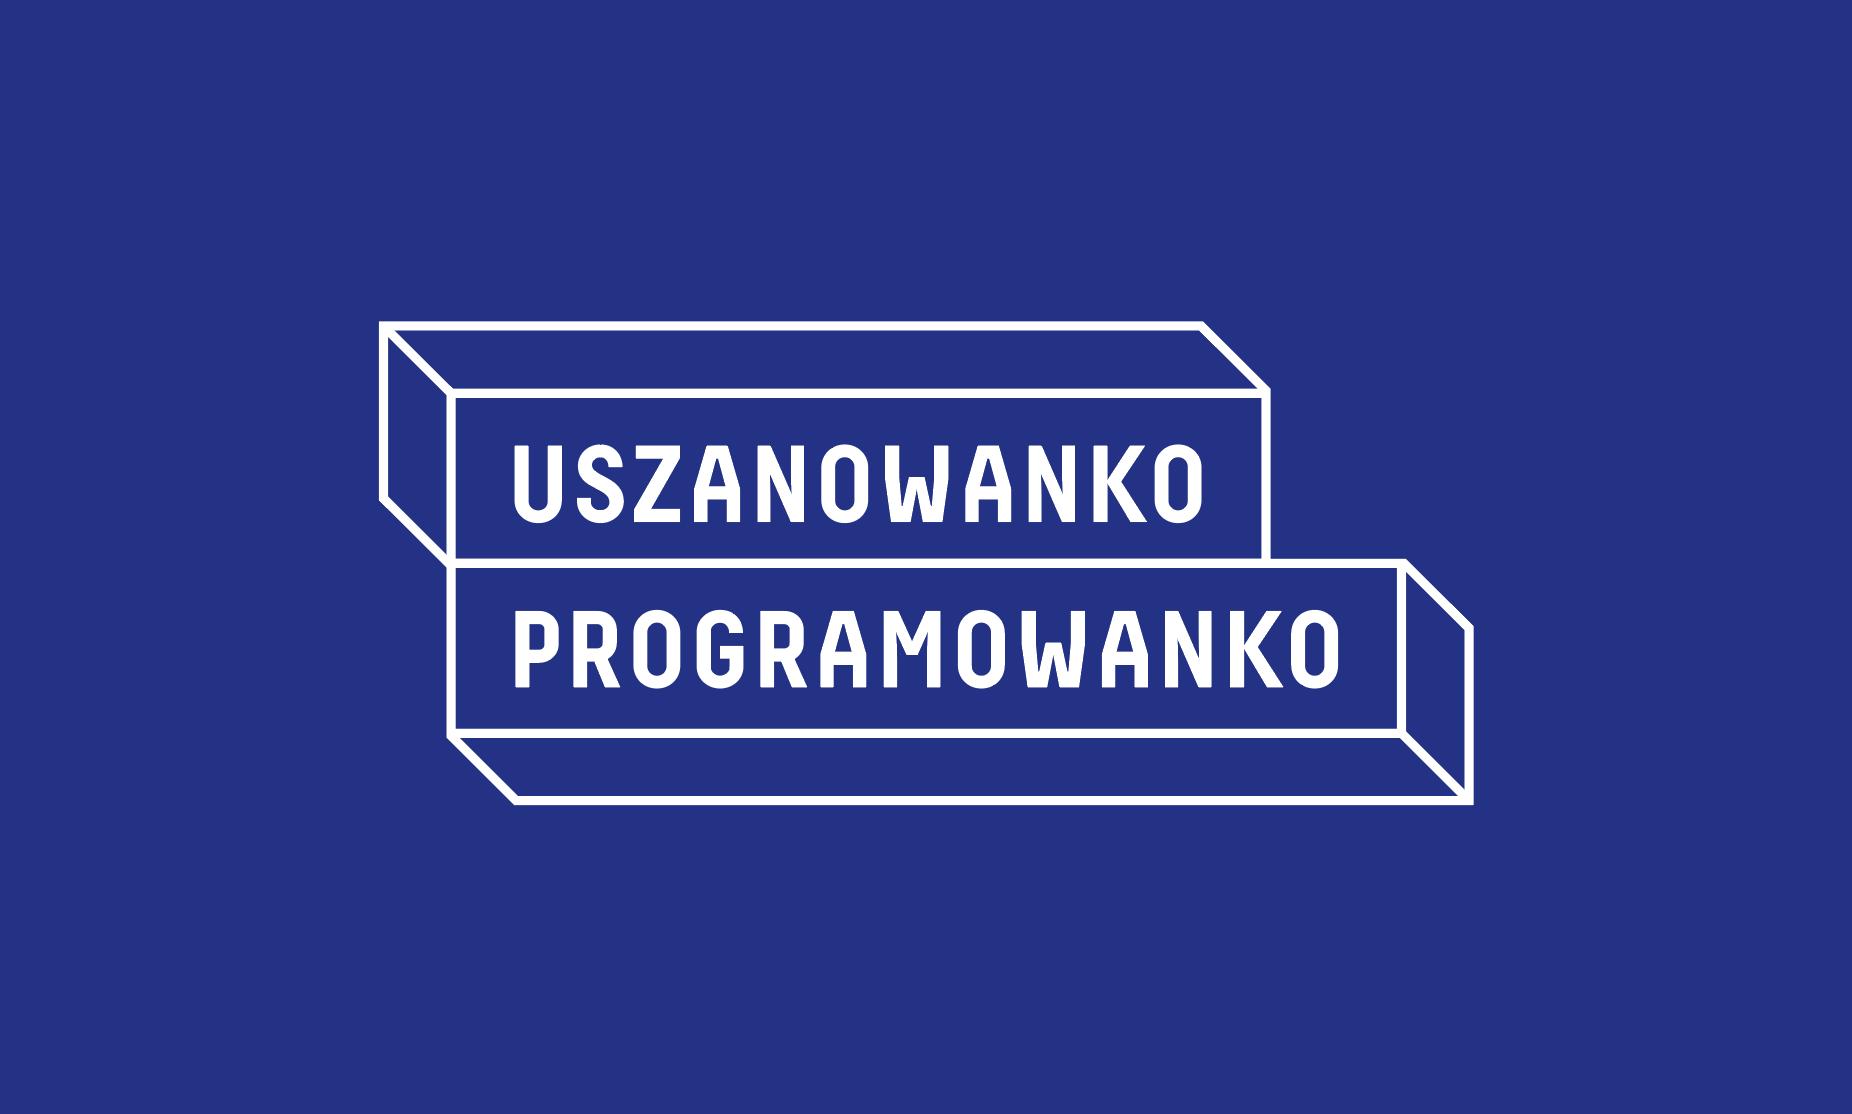 Uszanowanko Programowanko